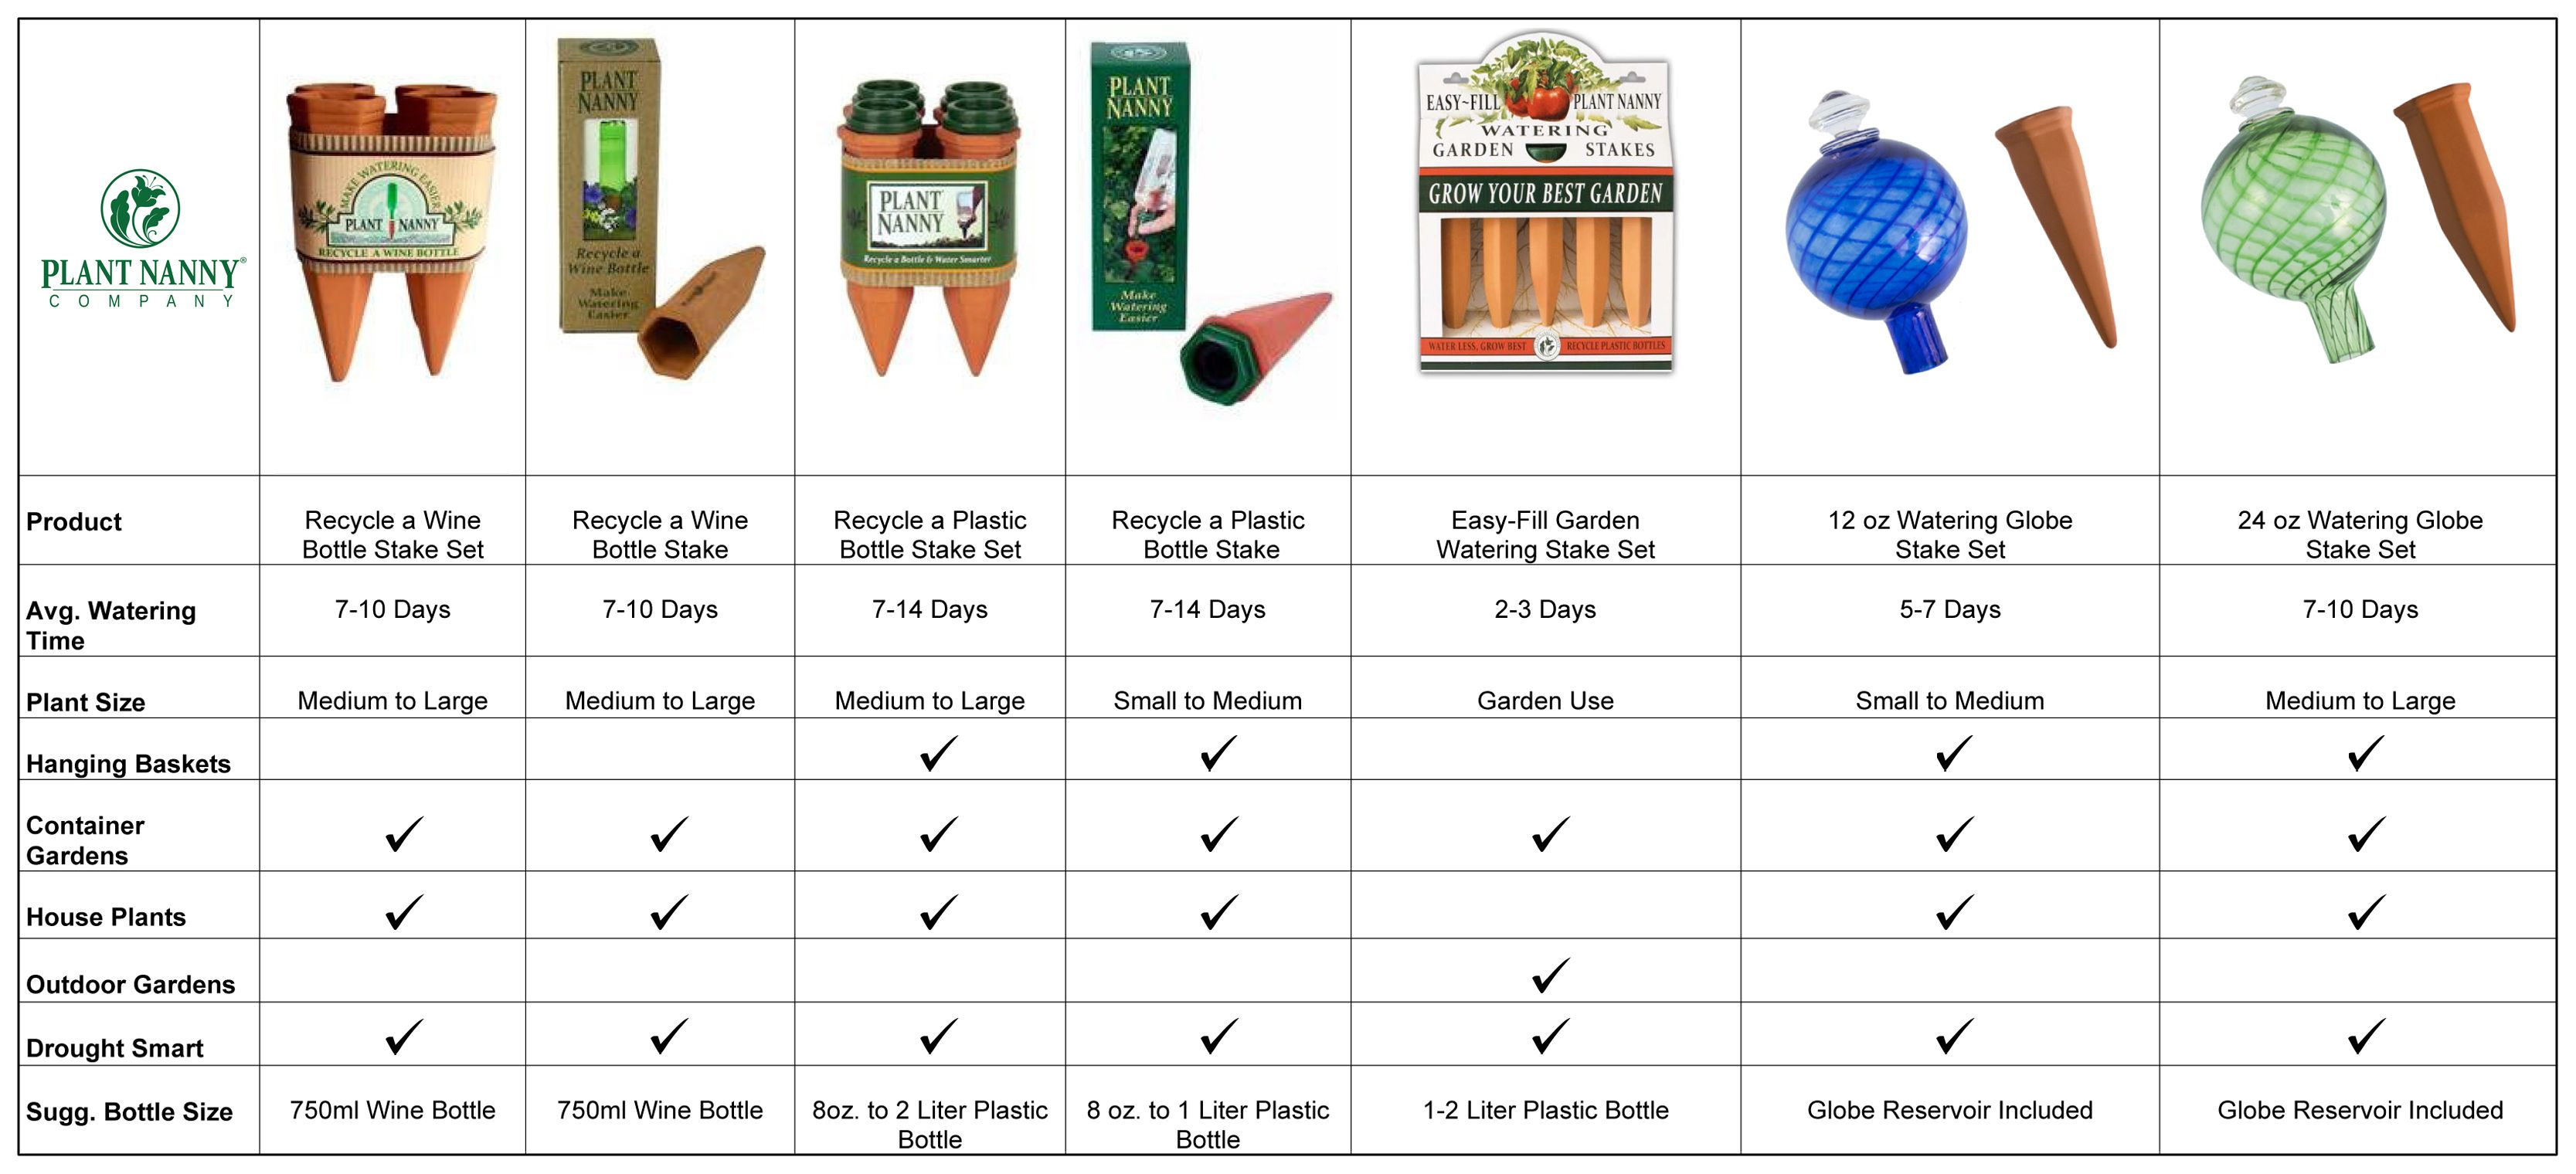 Plant Nanny Product Comparison Chart